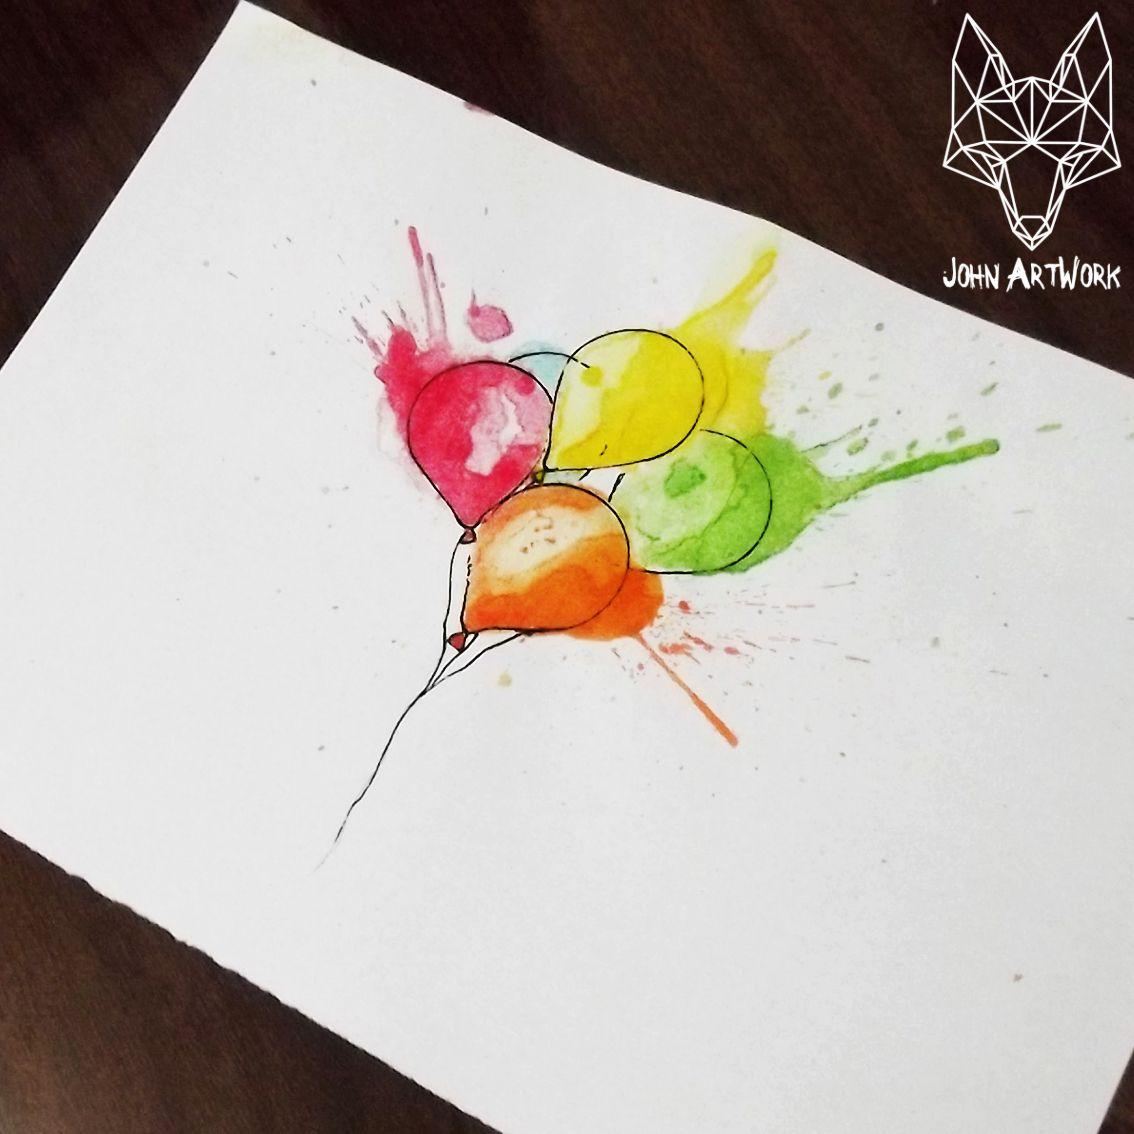 #balloon #balloons #watercolor #drawing #tattooideas #tattoo #artwork #john_artwork #john artwork #aquarela #balão #balões